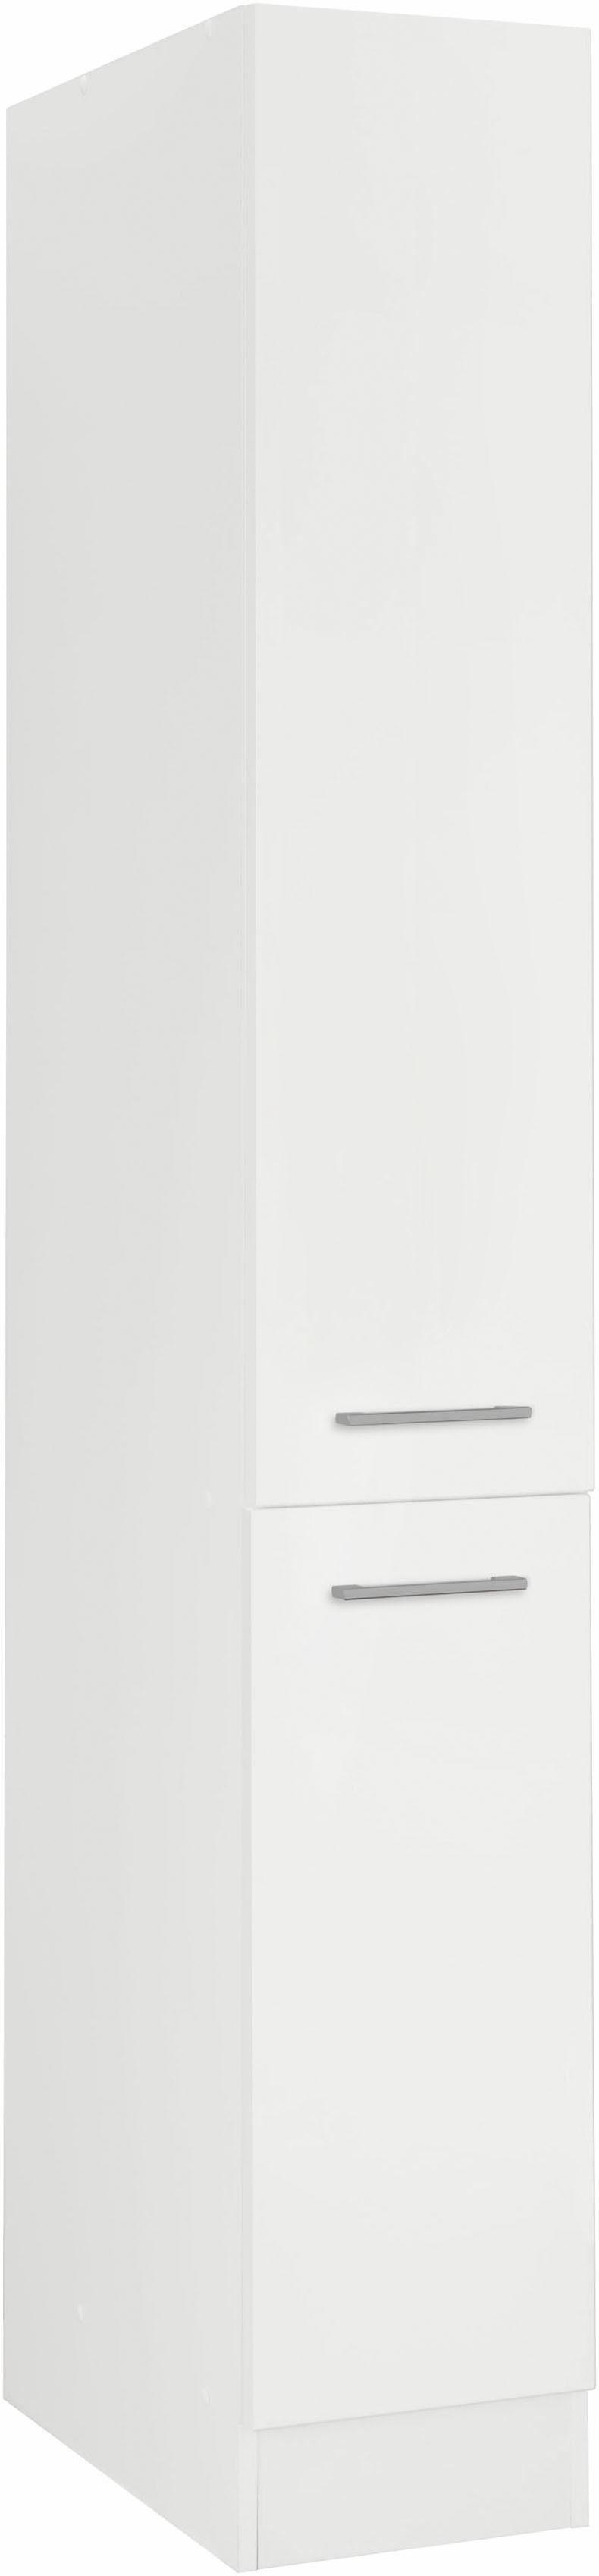 Interessant Küchenschrank 20-30 cm breit online kaufen | OTTO TV06